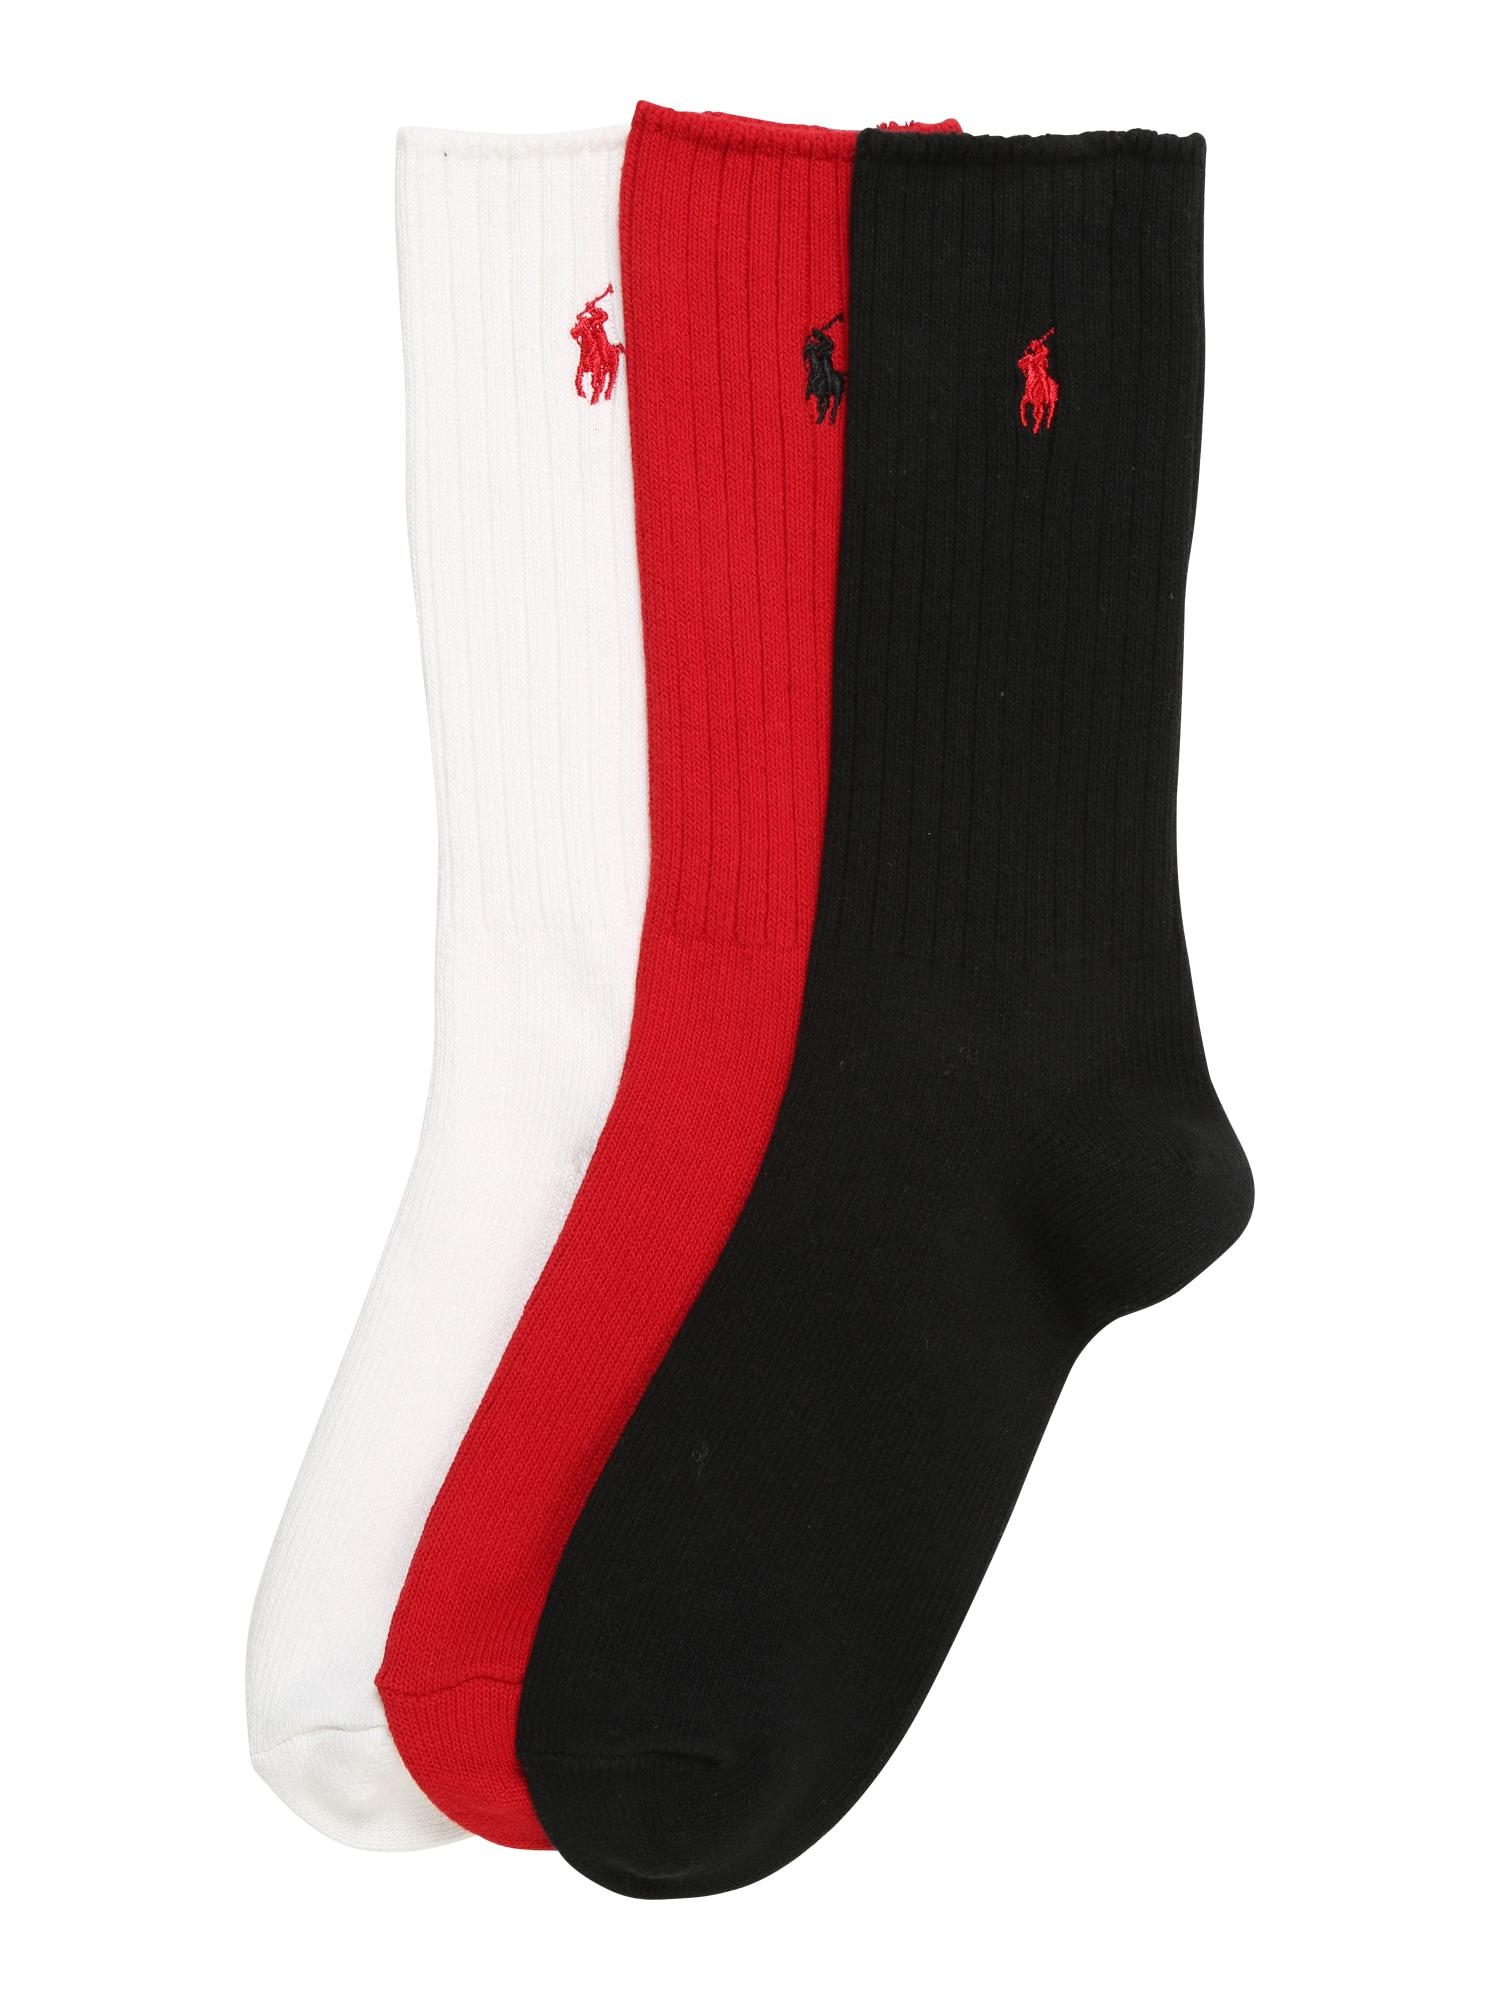 Ponožky červená černá bílá POLO RALPH LAUREN